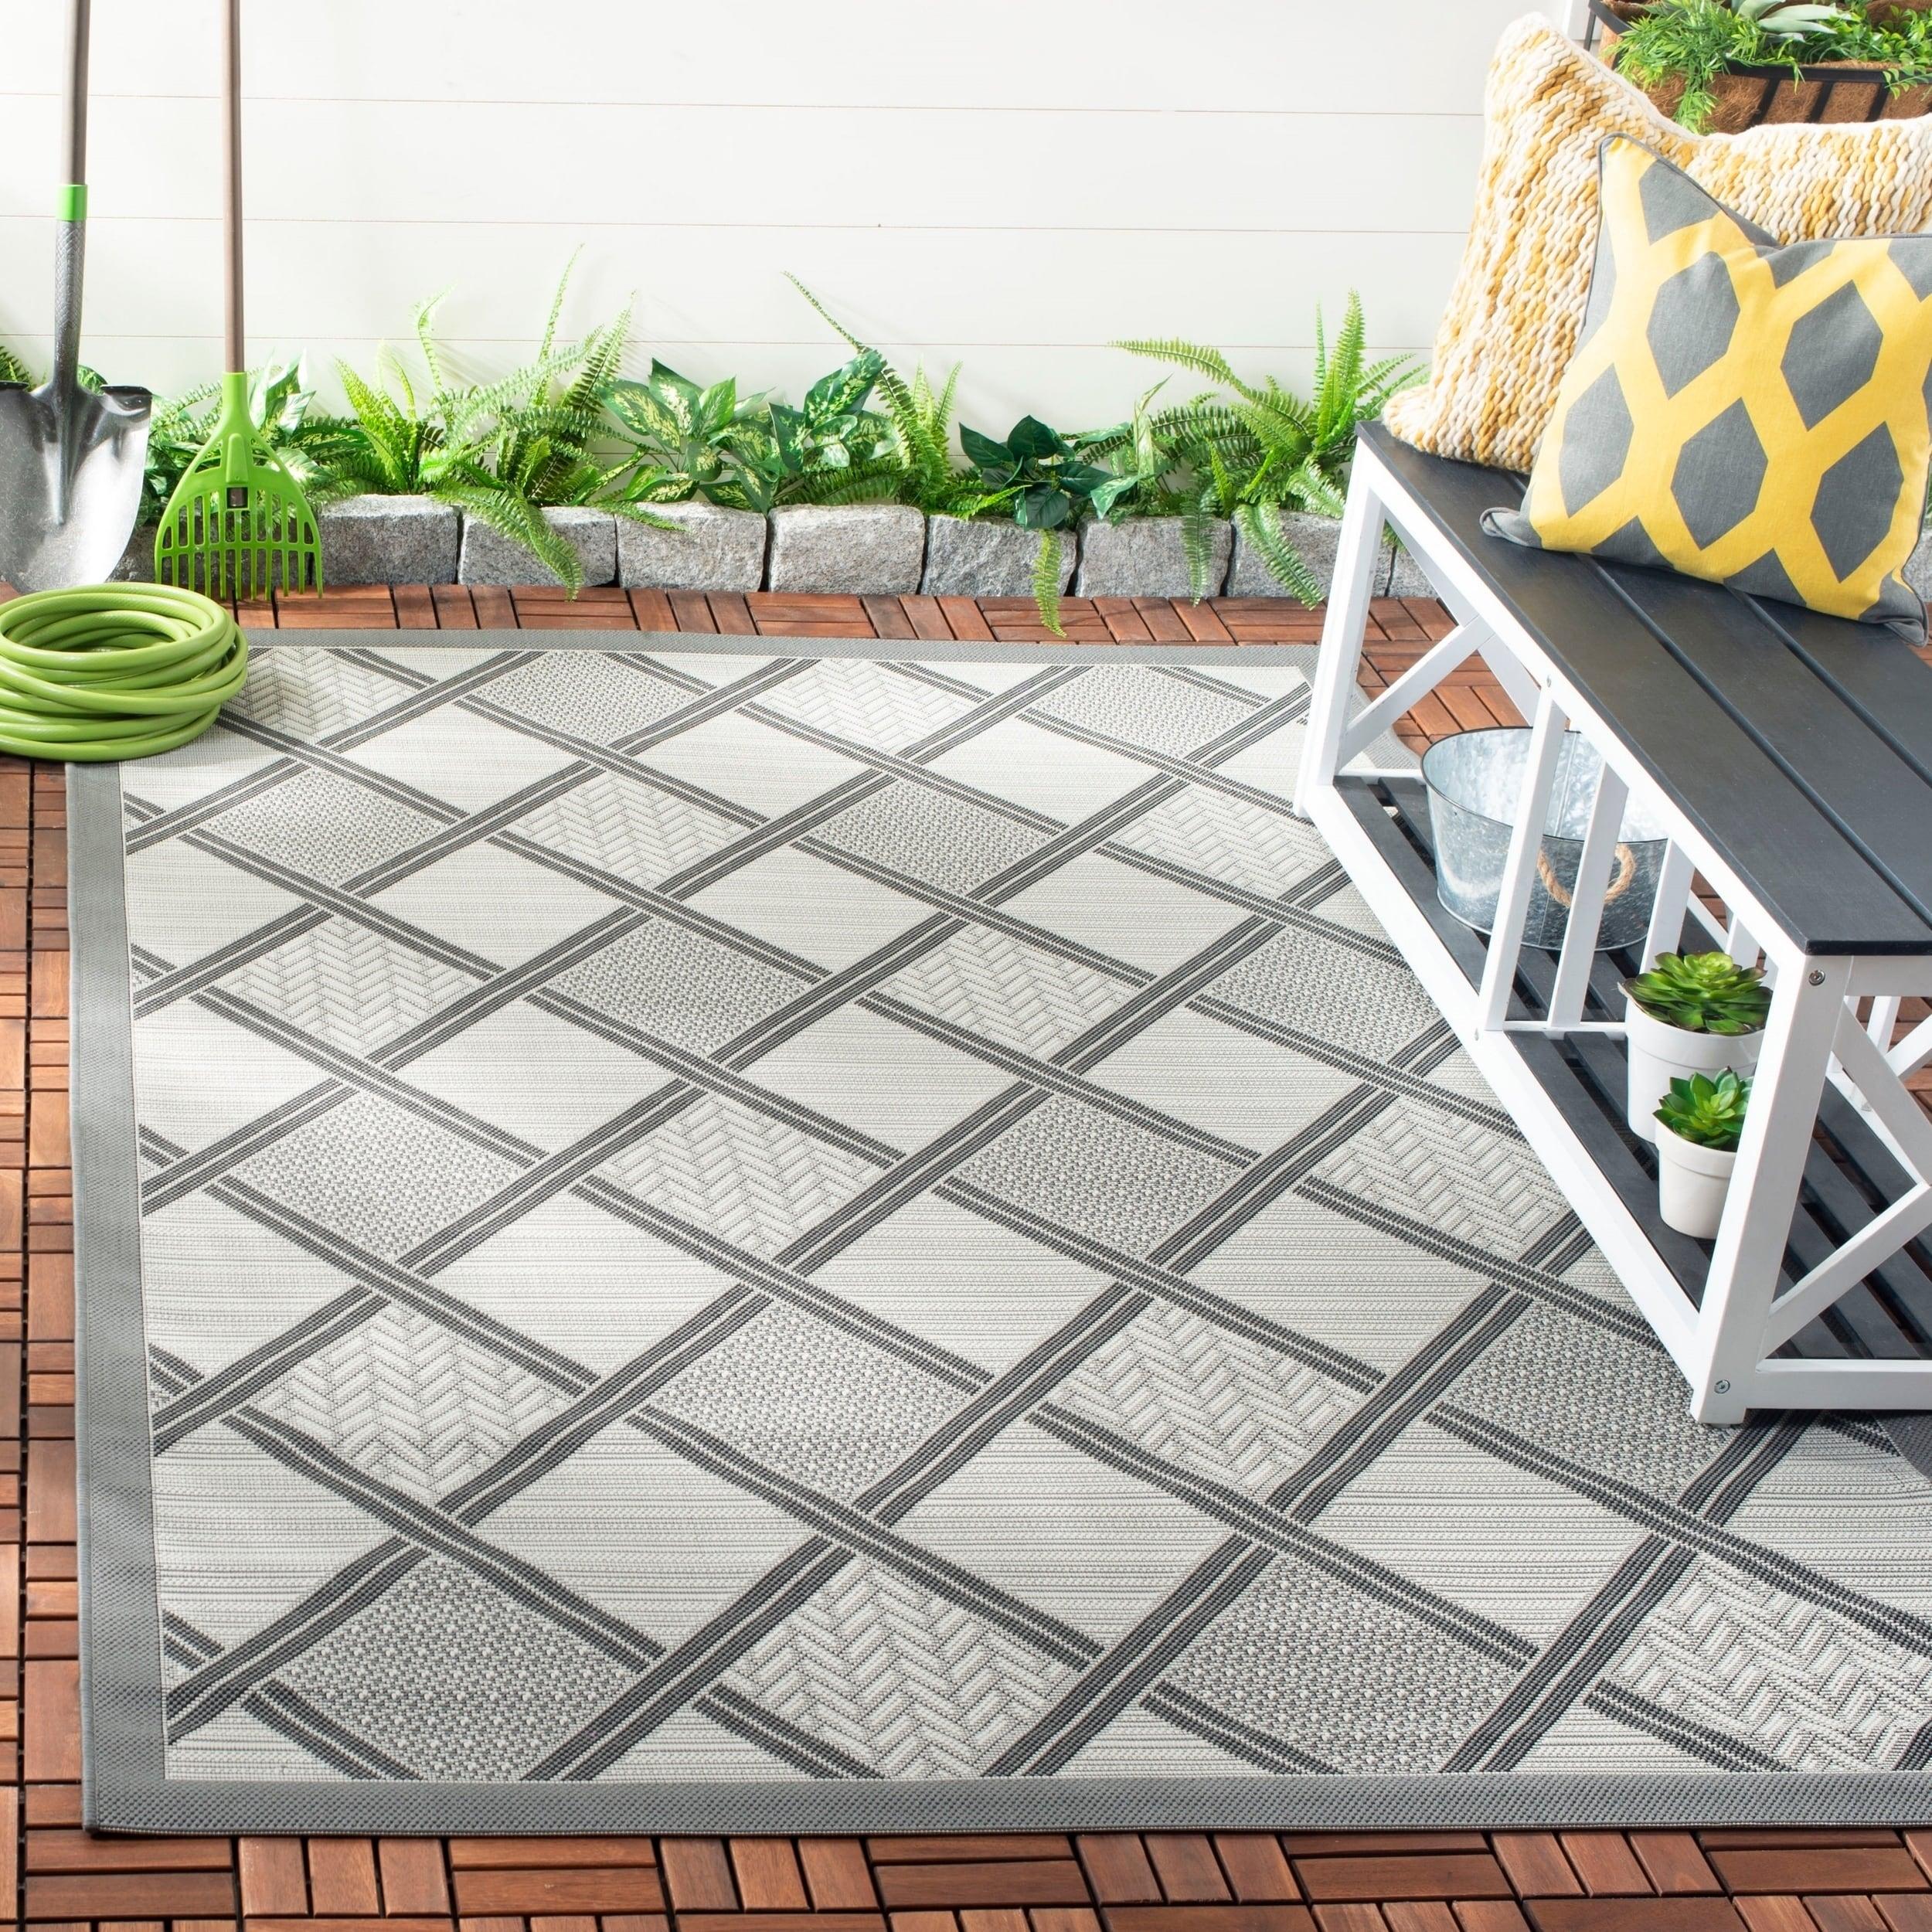 Shop Safavieh Light Graydark Grey Indooroutdoor Area Rug 4 X 5